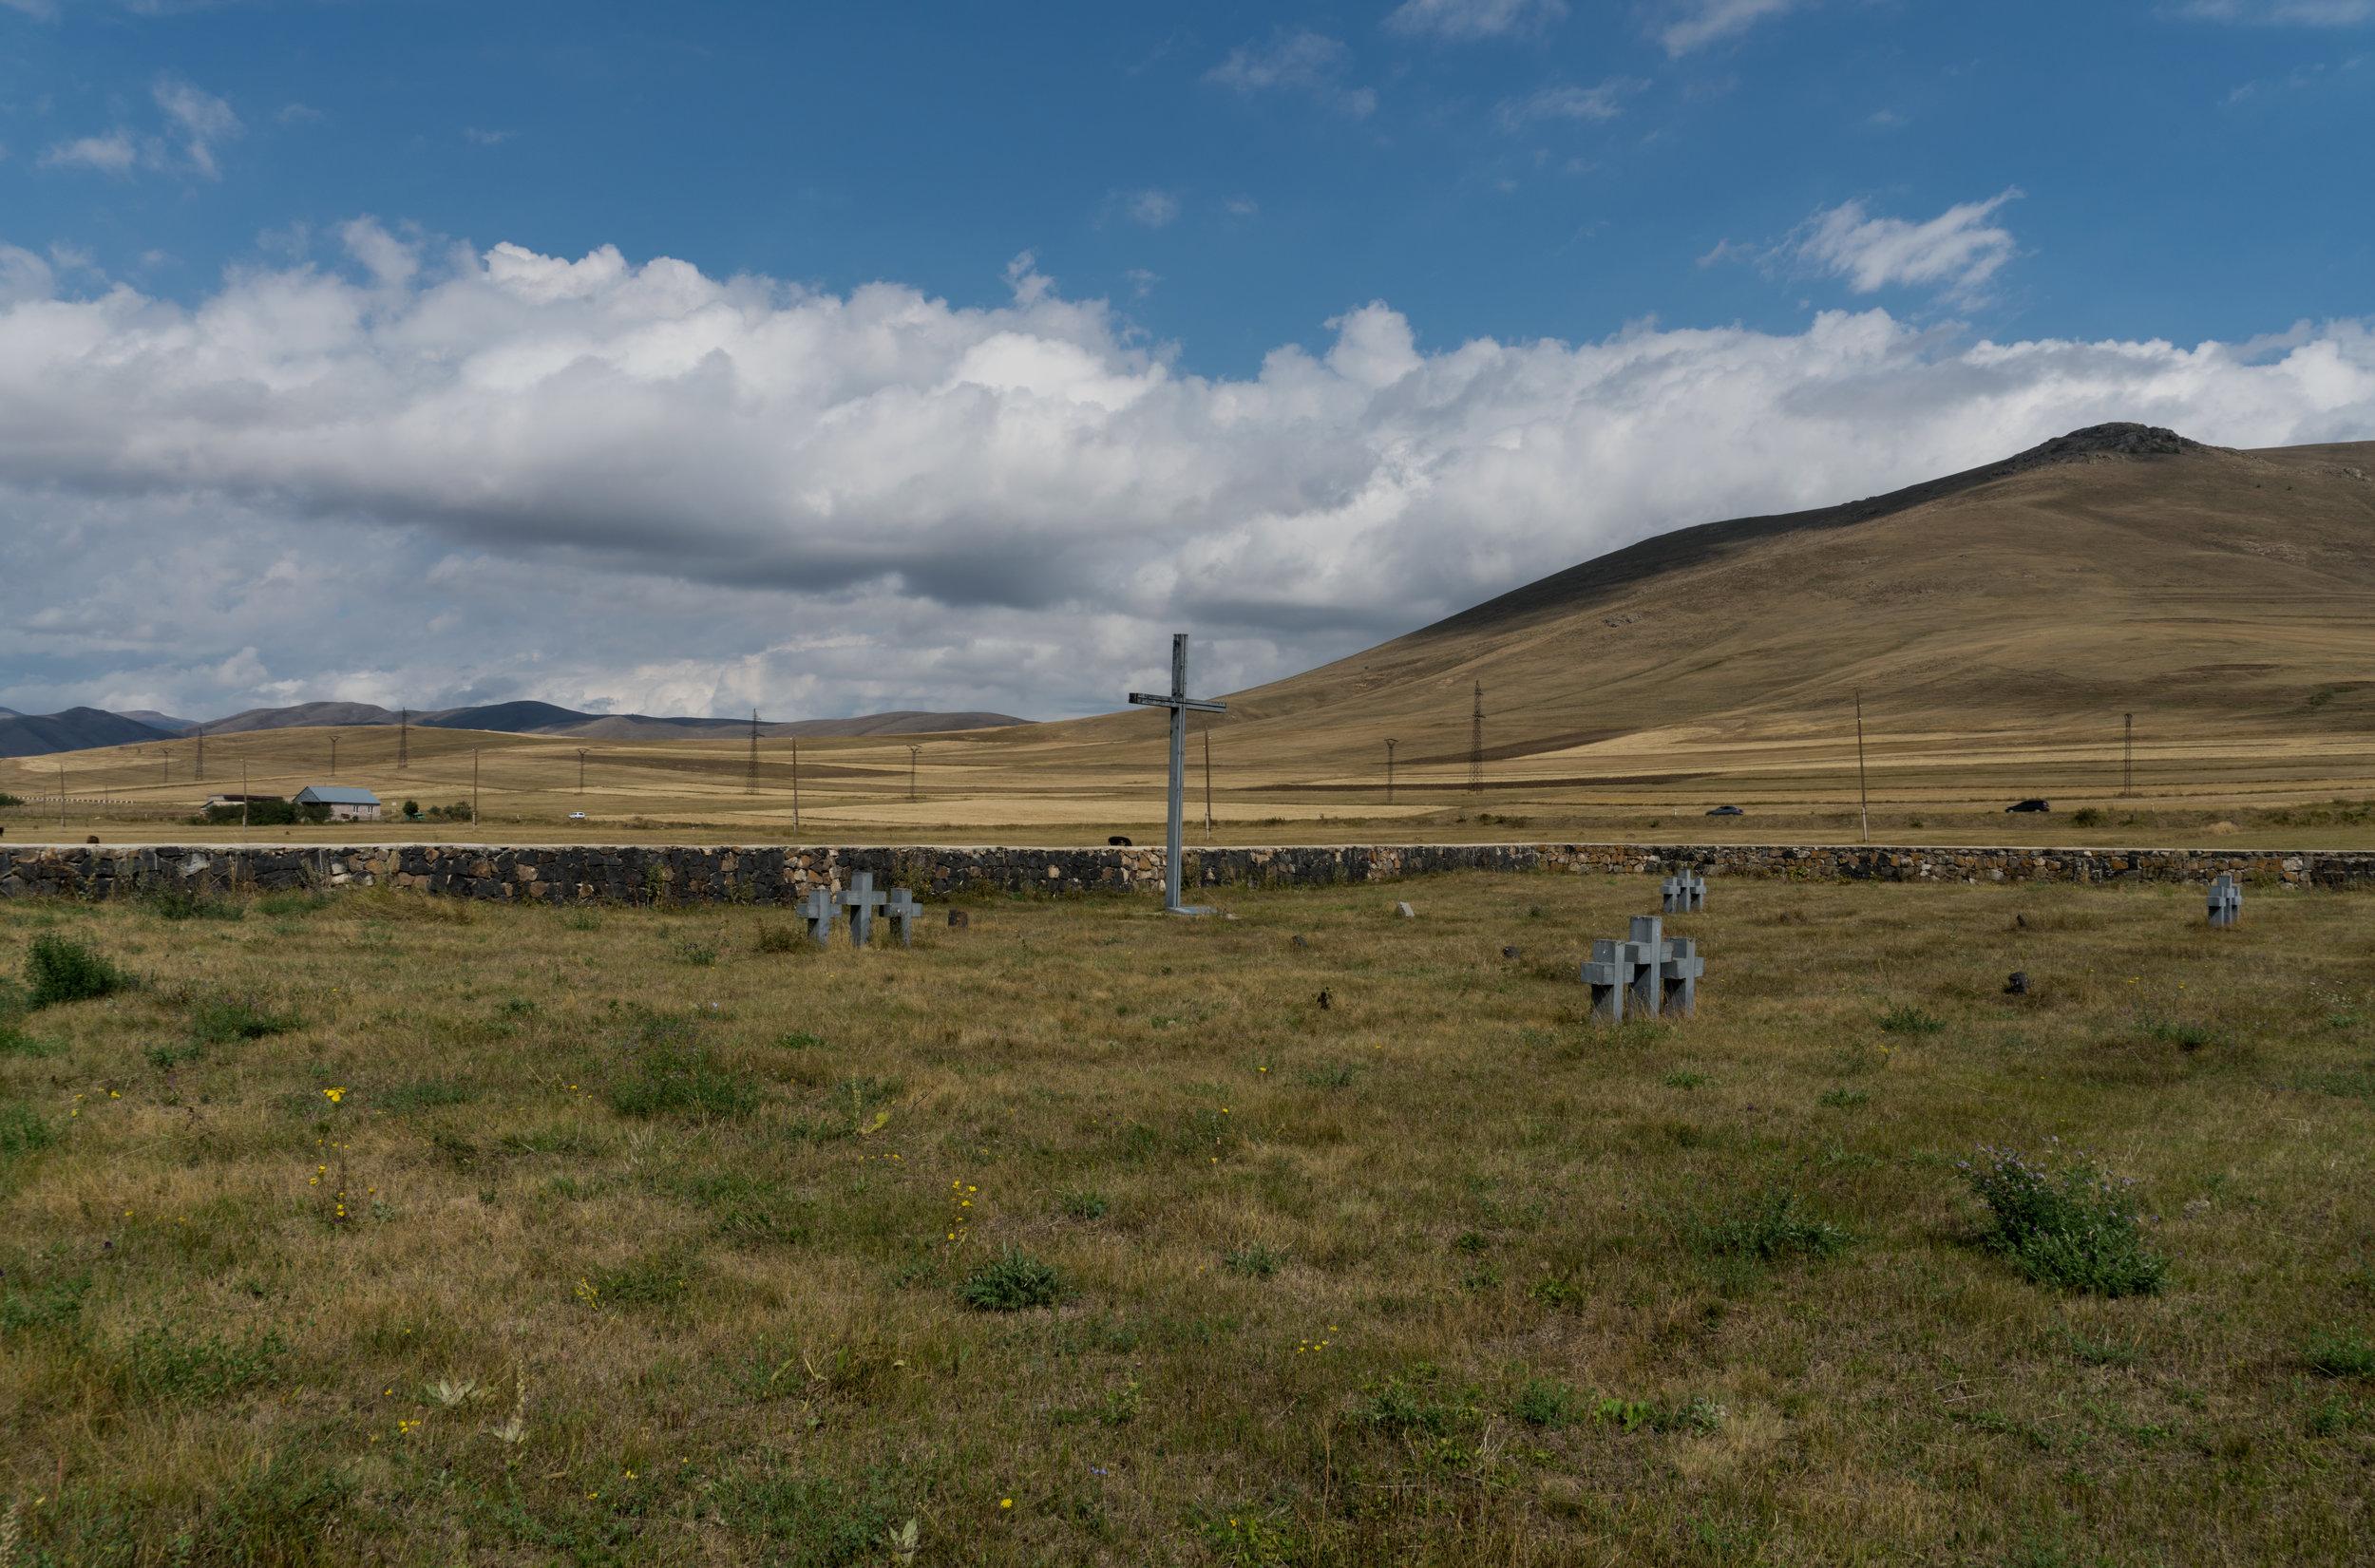 Cemetery for German soldiers, Sevan/Armenia